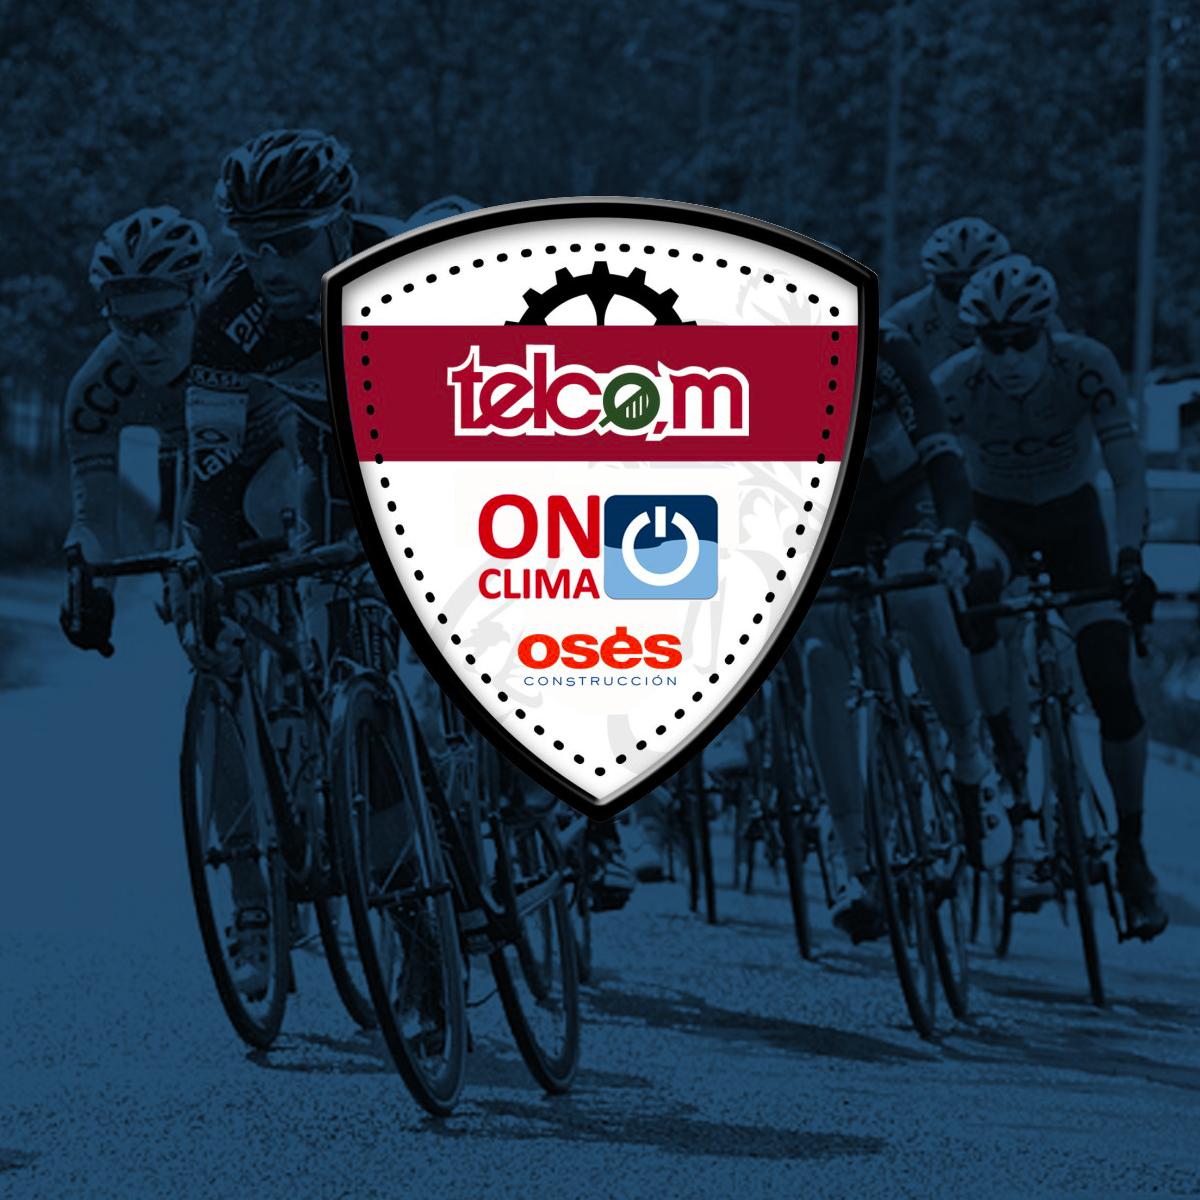 On Clima patrocinará en 2020 el equipo ciclista Telco,m – On Clima – Osés